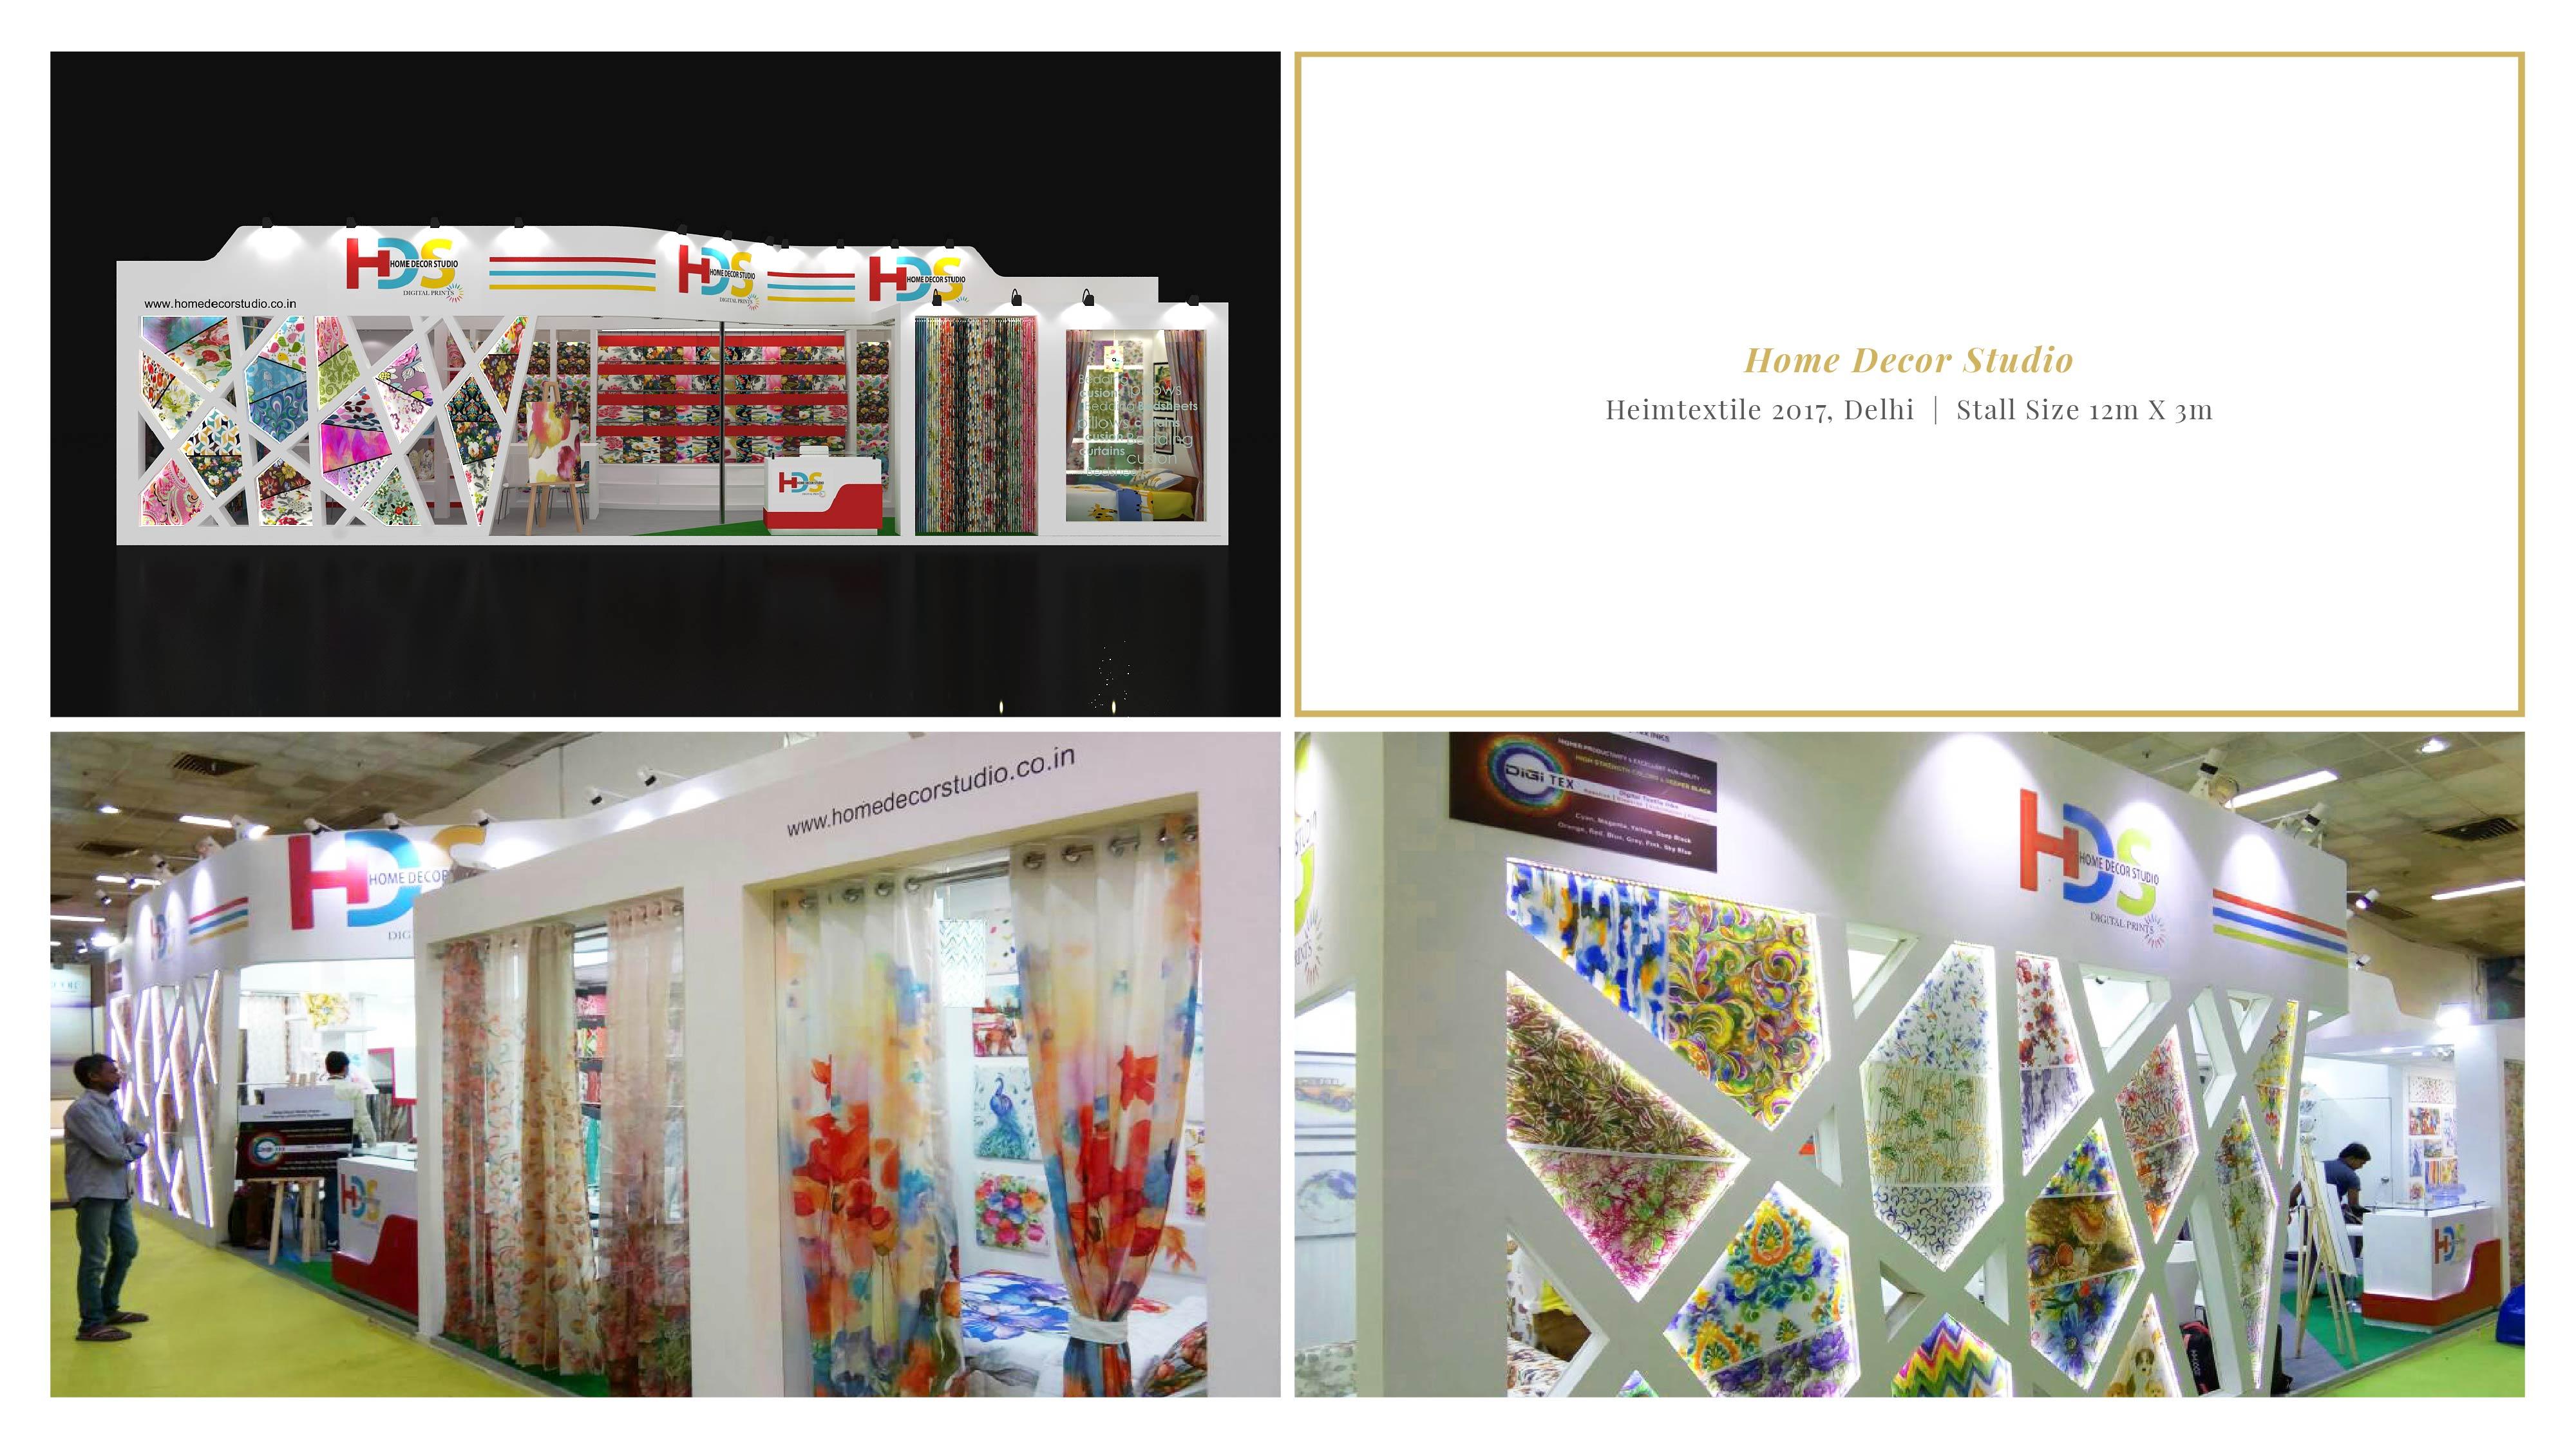 Home Decor Studio - Heimtextile 2017, Delhi